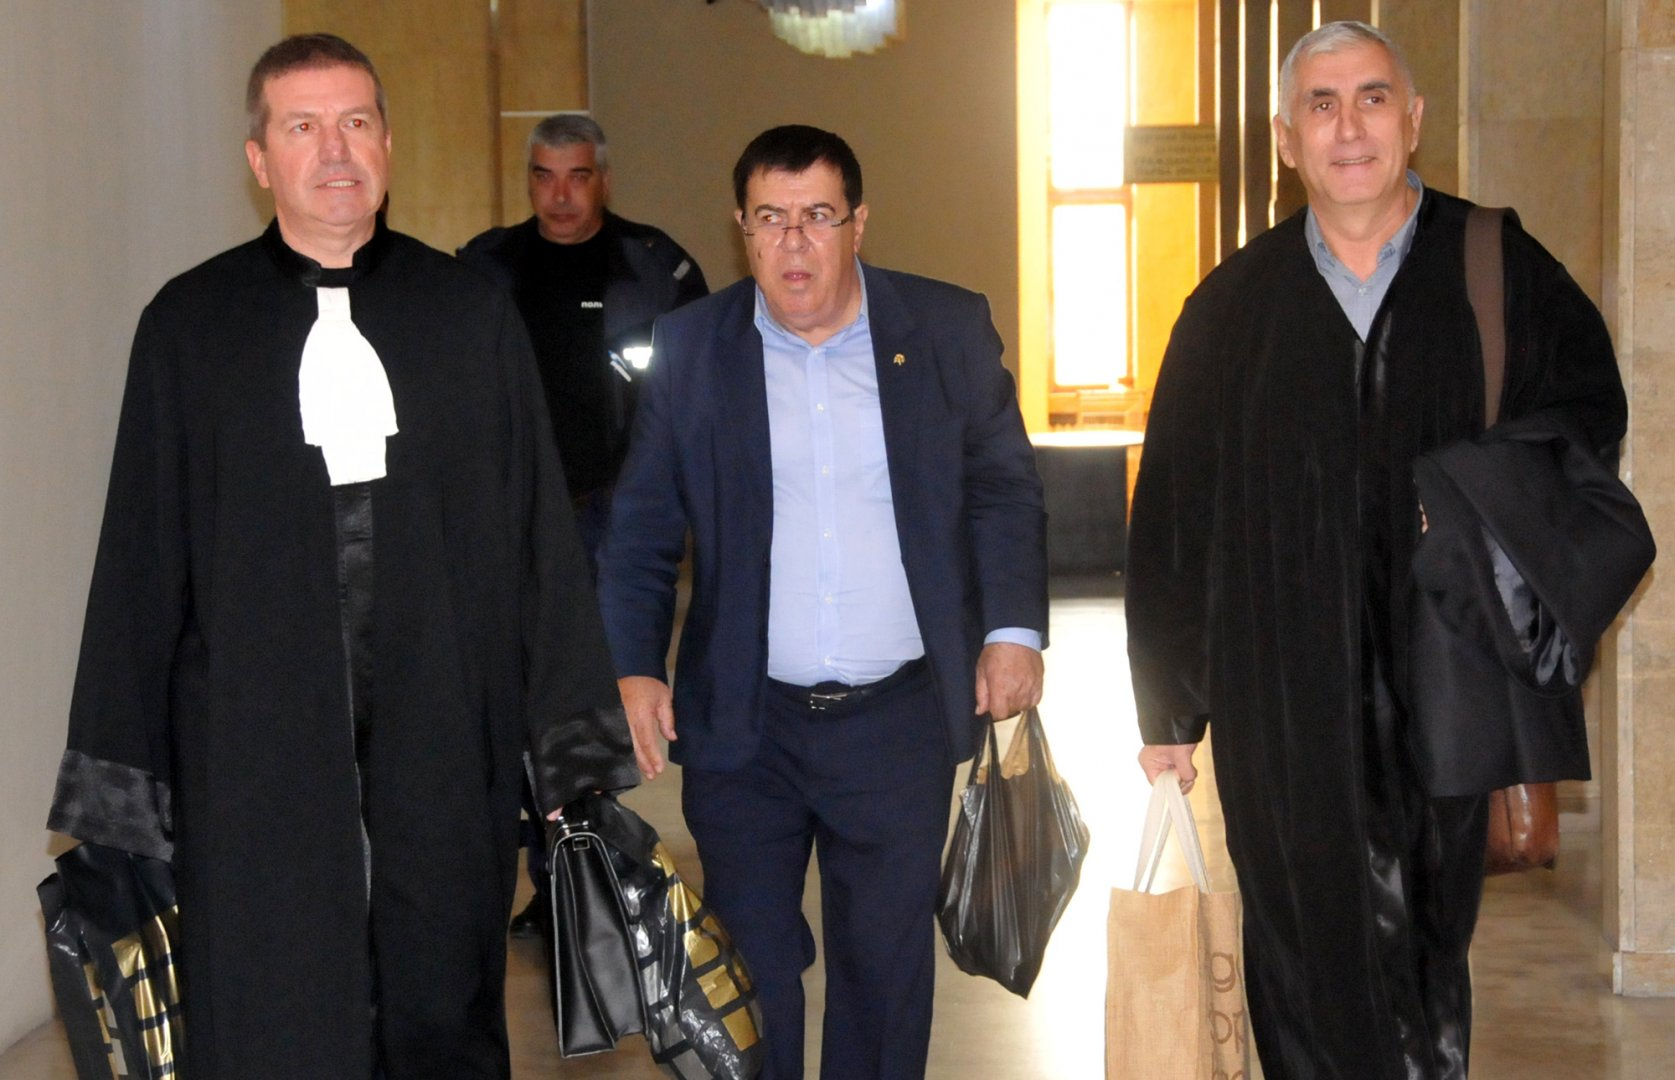 Бенчо Бенчев (в средата) има забрана да напуска страната. Снимки Лина Главинова